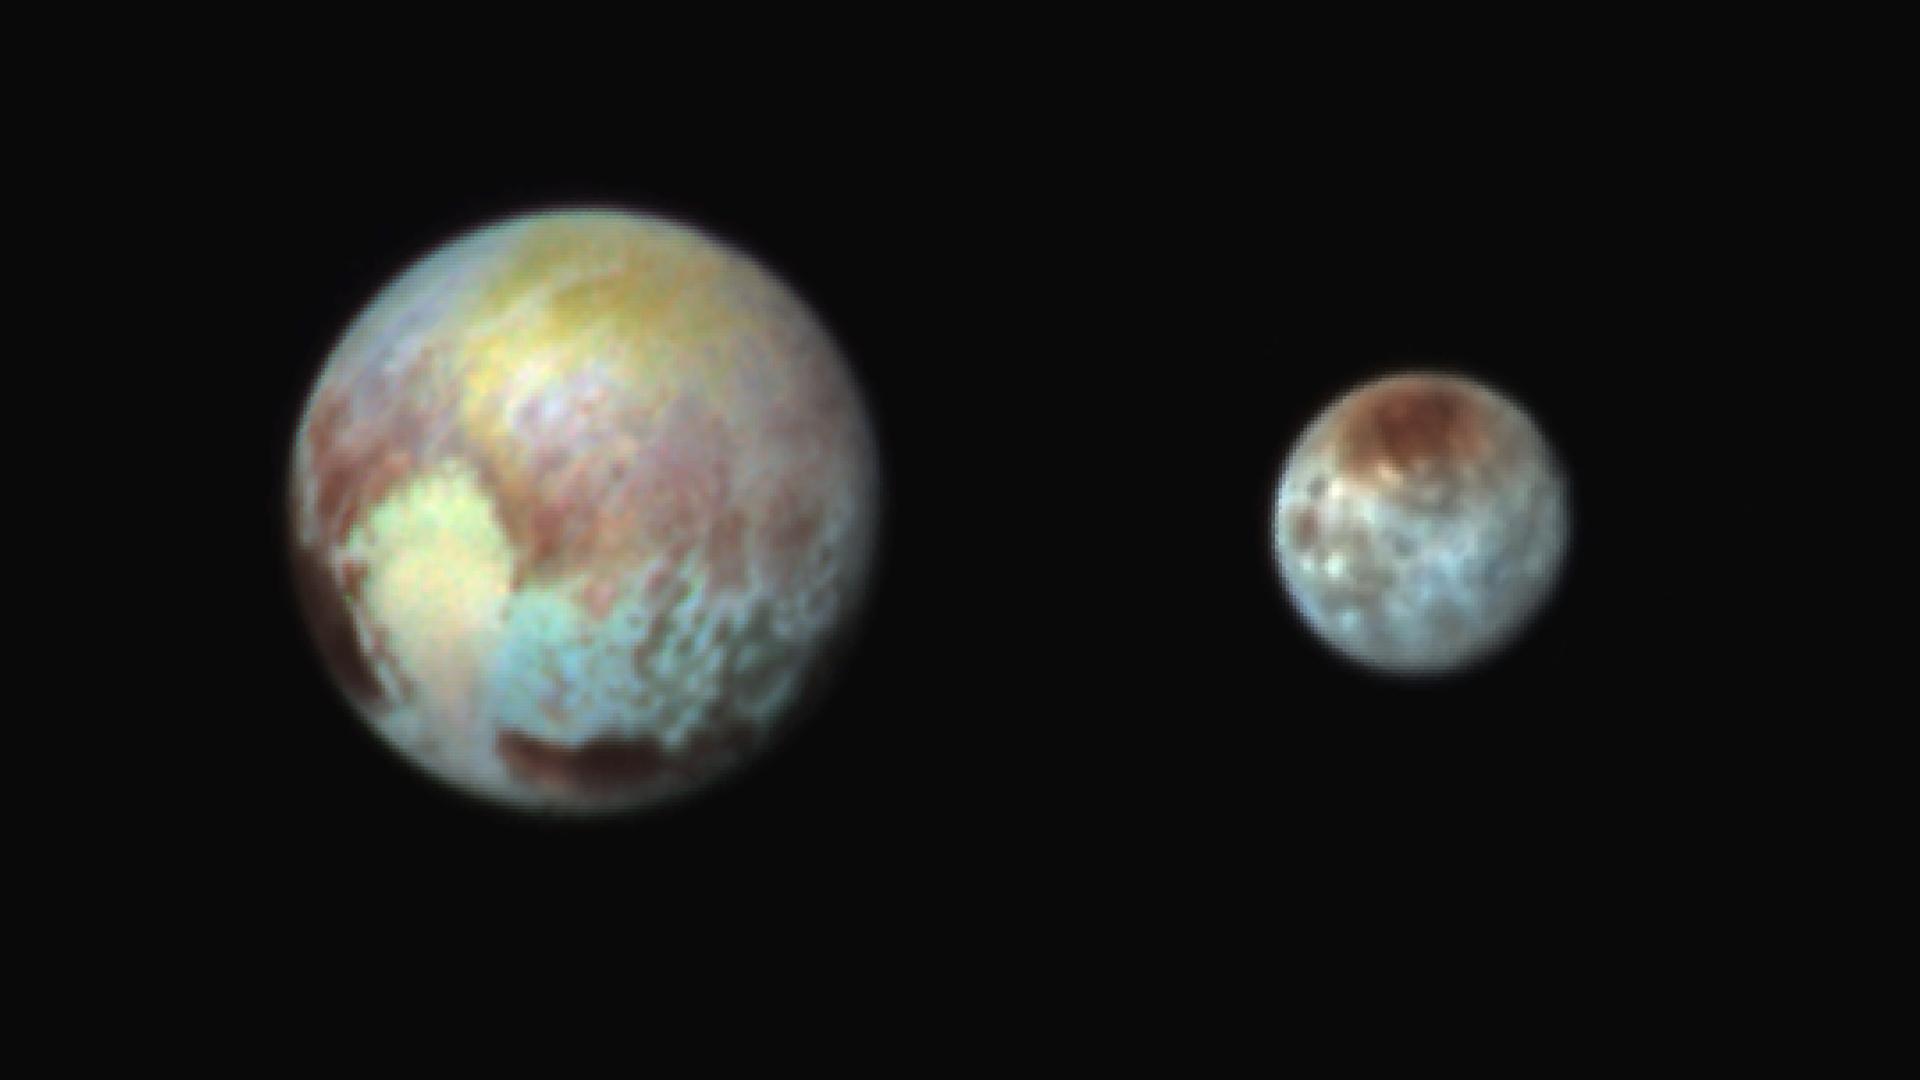 """Le immagini di Plutone e di Caronte scattate tramite il dispositivo chiamato """"Ralph"""" (fonte: nasa.gov)"""